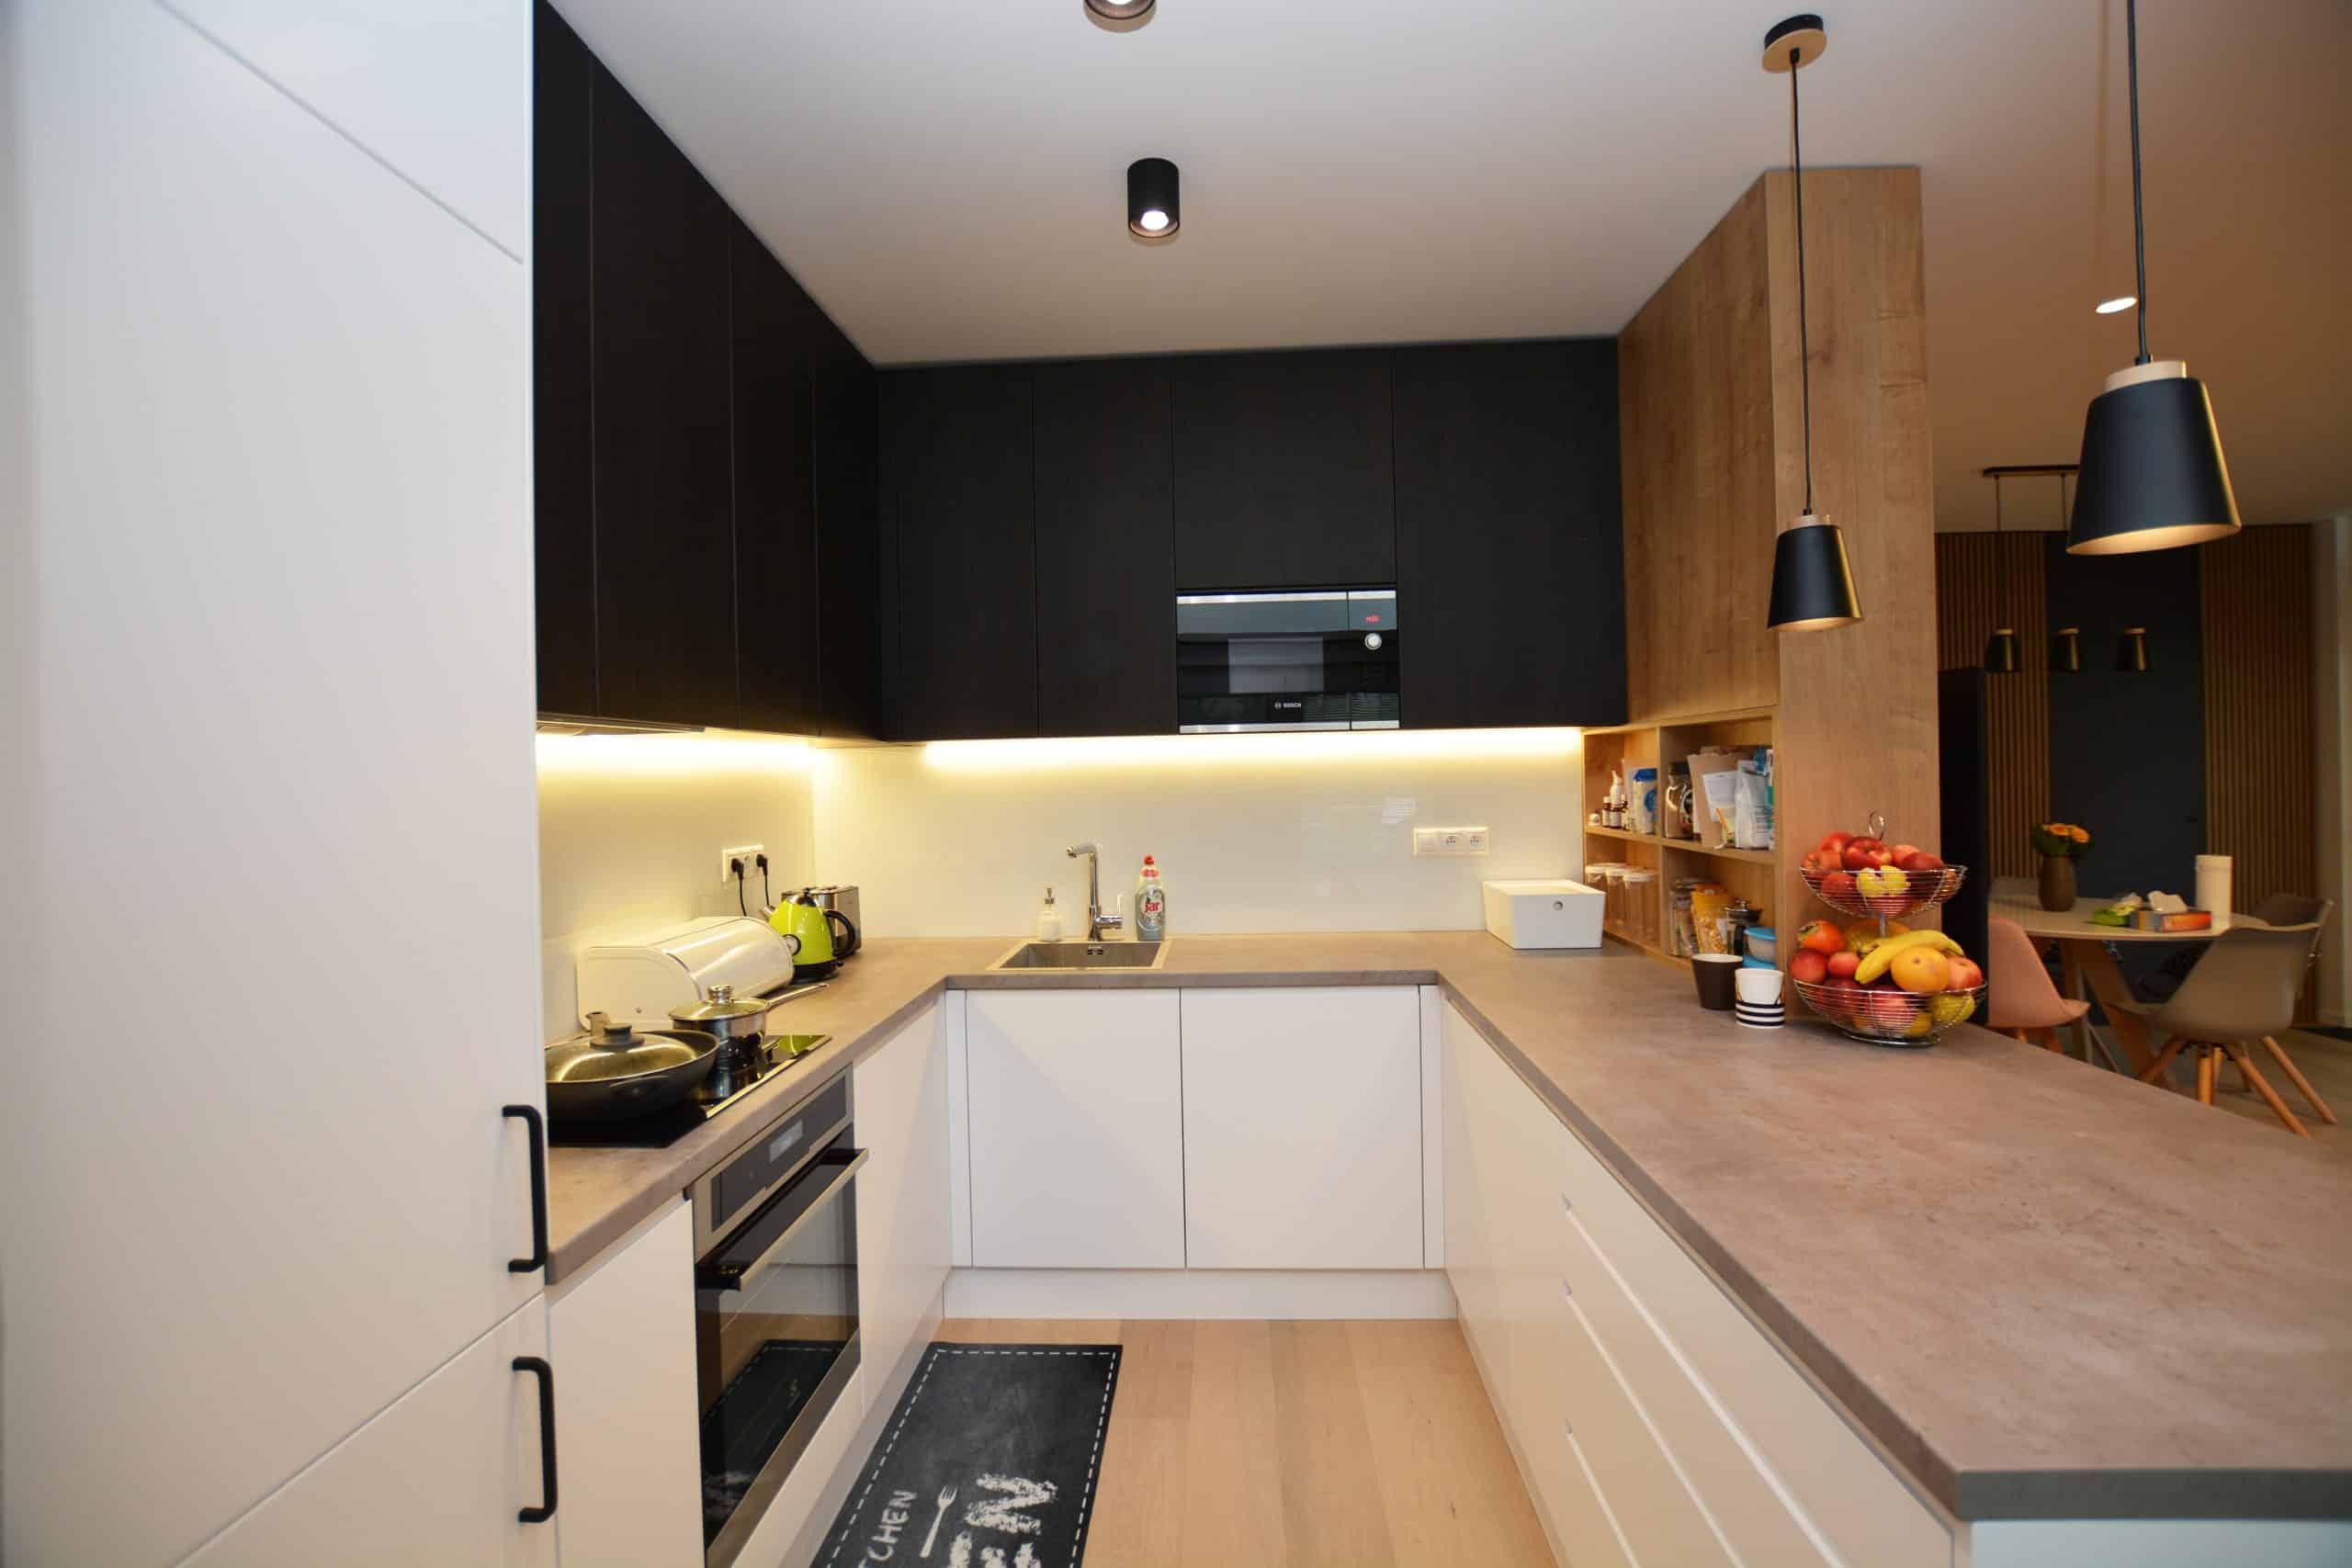 moderna kuchyna namieru 6 scaled